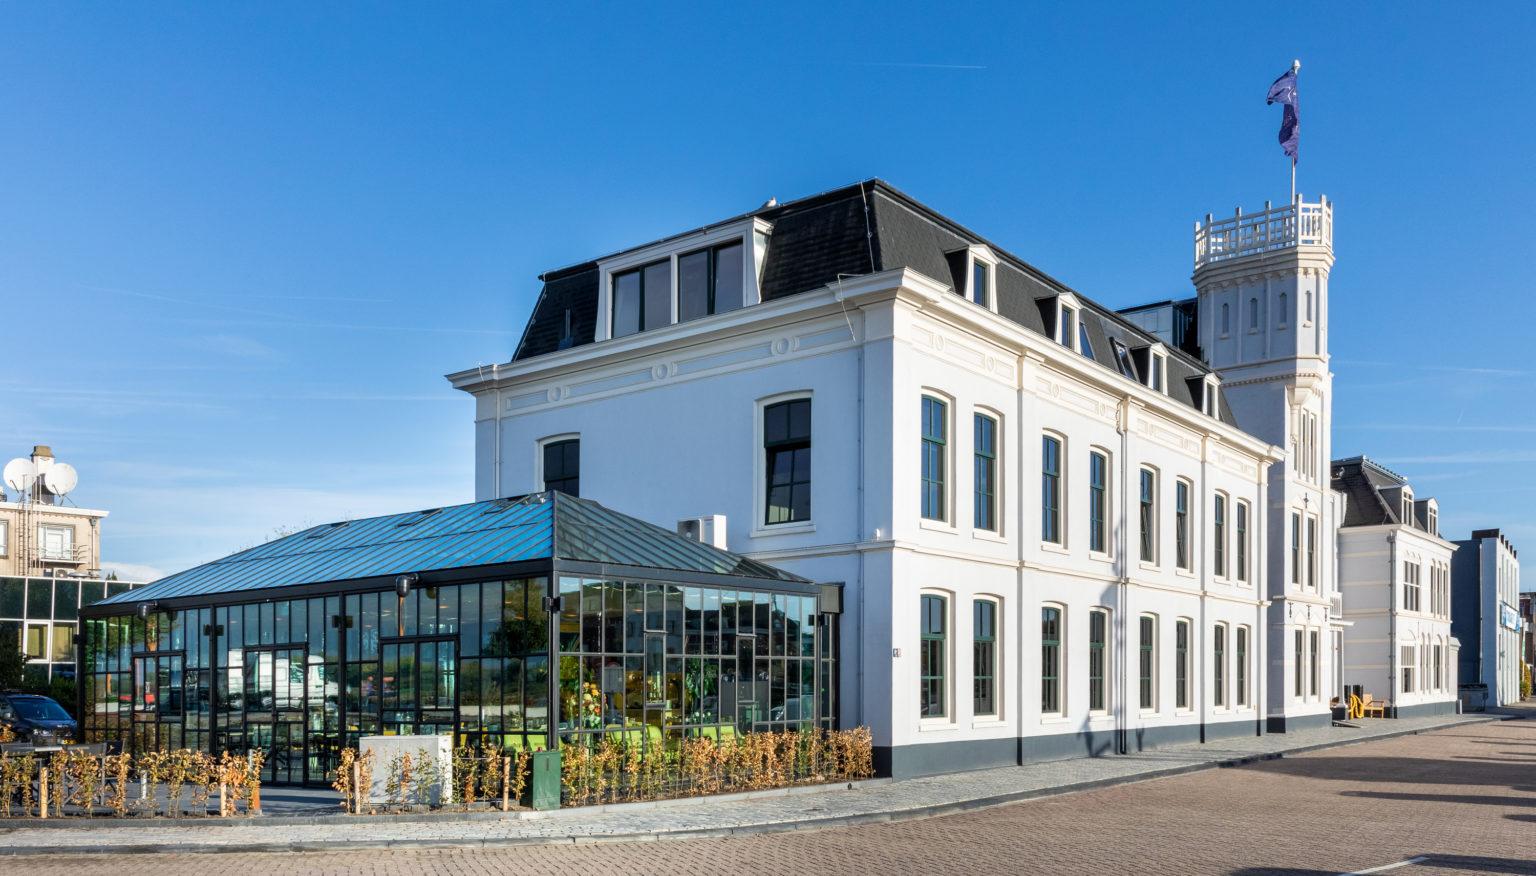 Hotel Maassluis